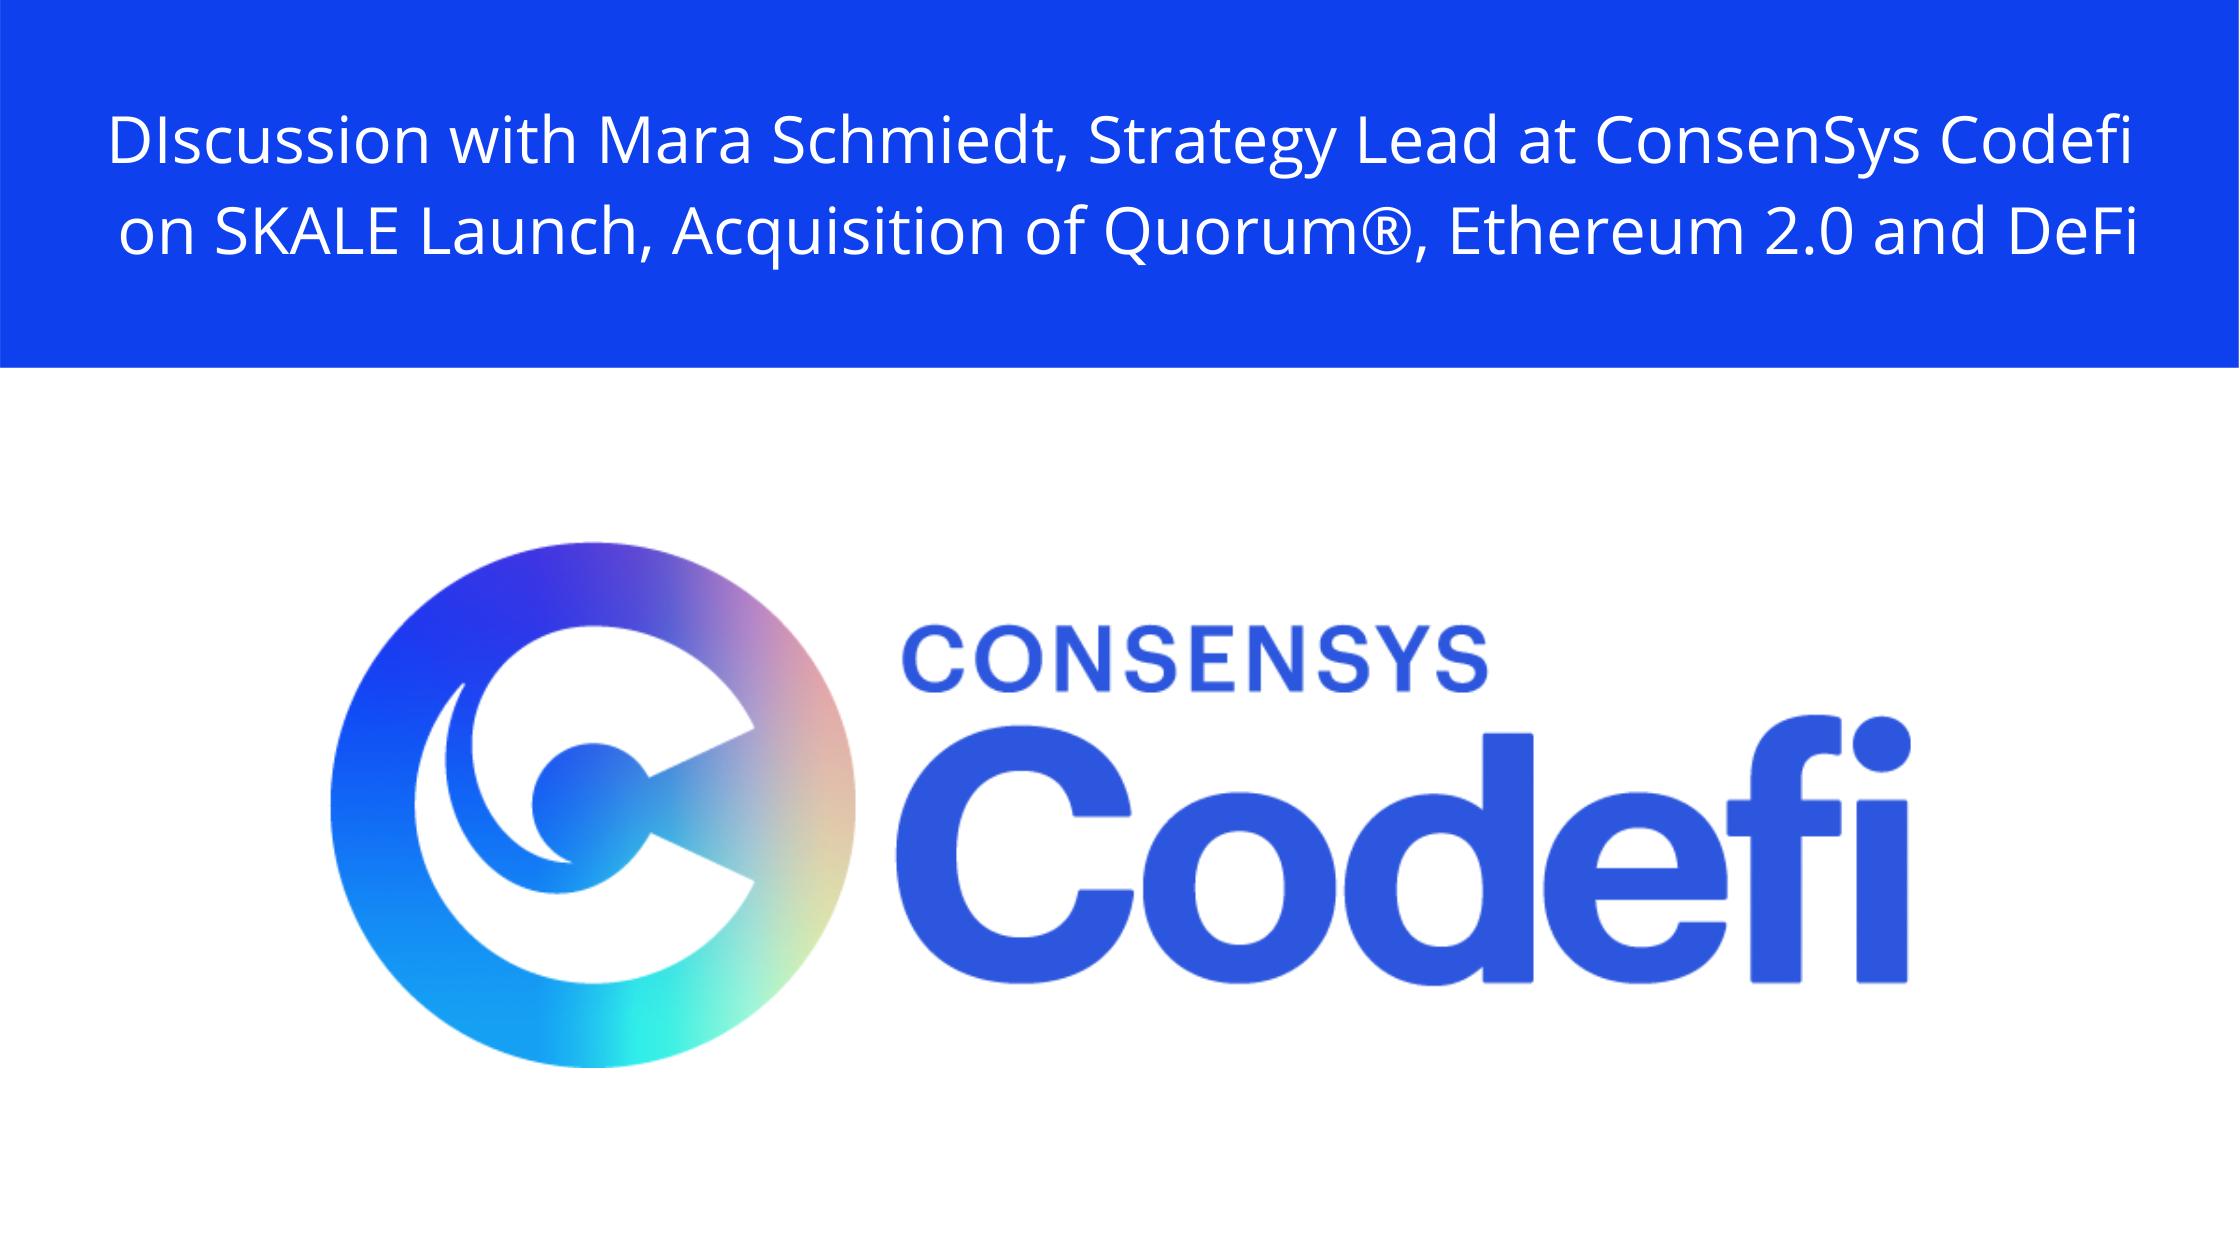 Mara Schmiedt Consensys CodeFi DeFi